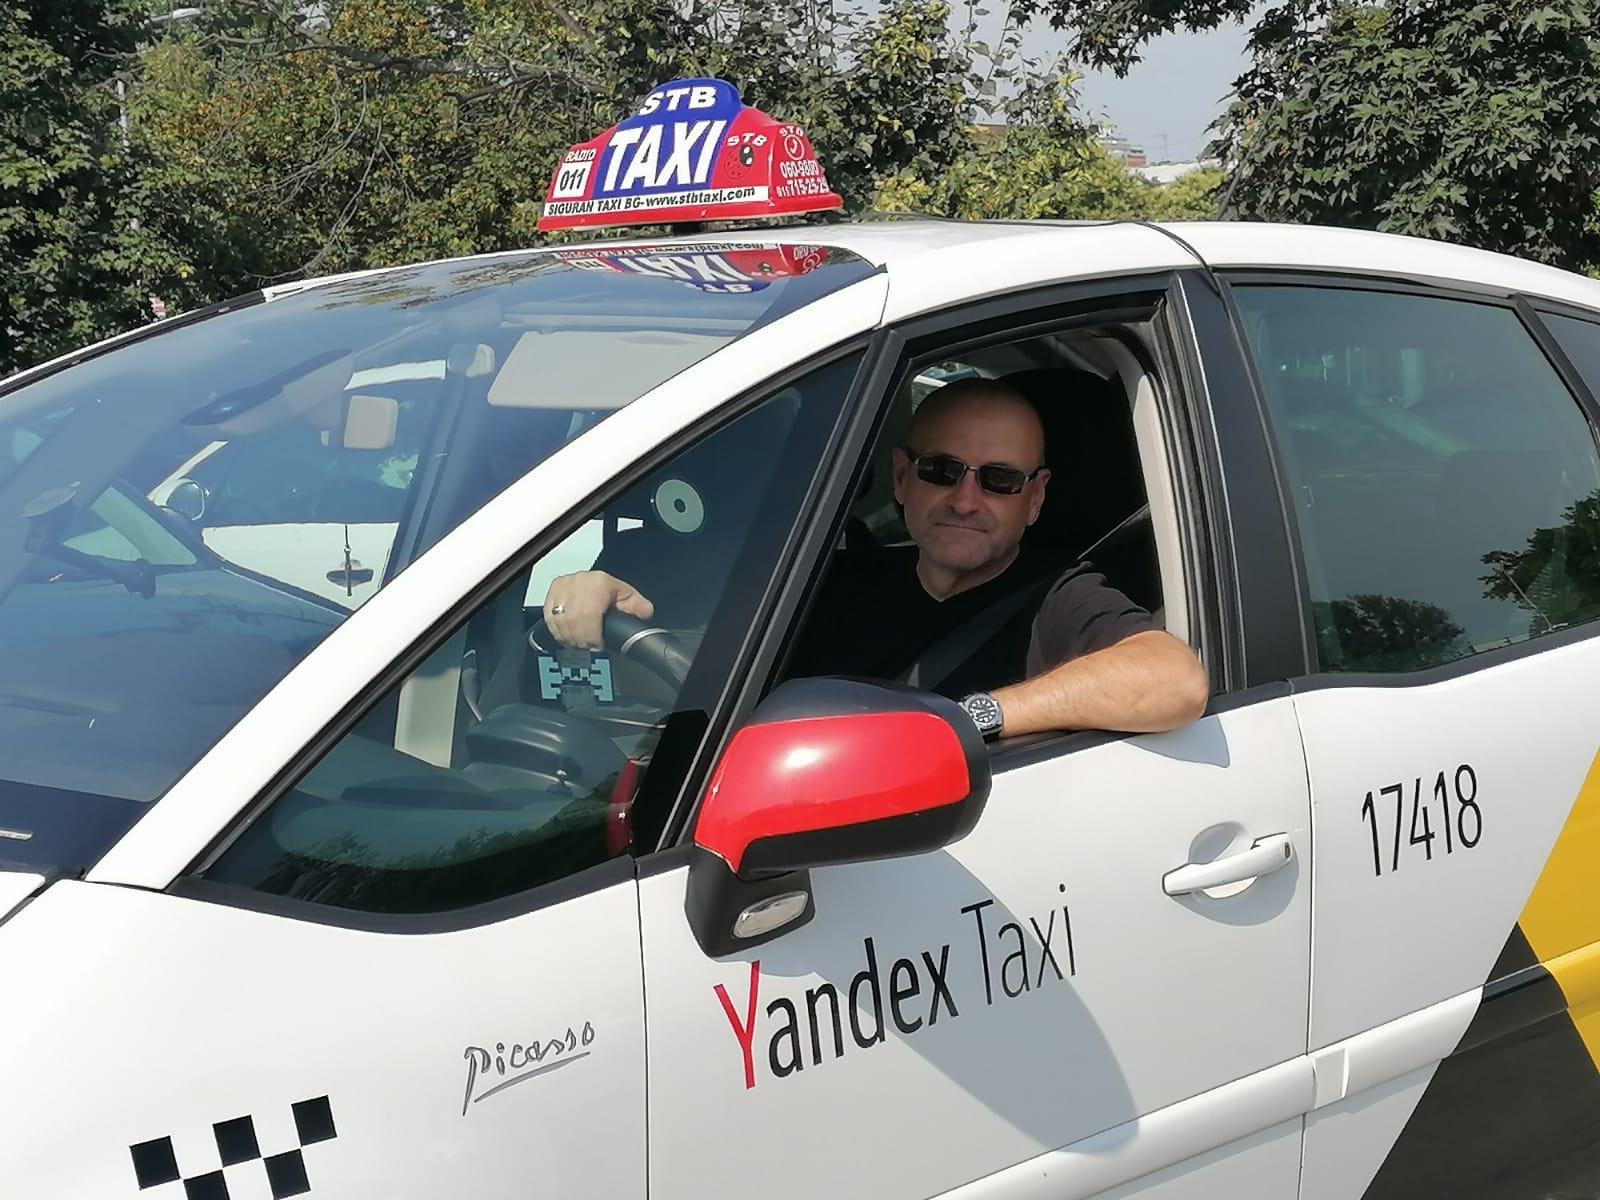 Zašto je beogradski taksista odlučio da se vrati iz Velike Britanije u Srbiju, gde je nastavio da gradi svoj život i karijeru